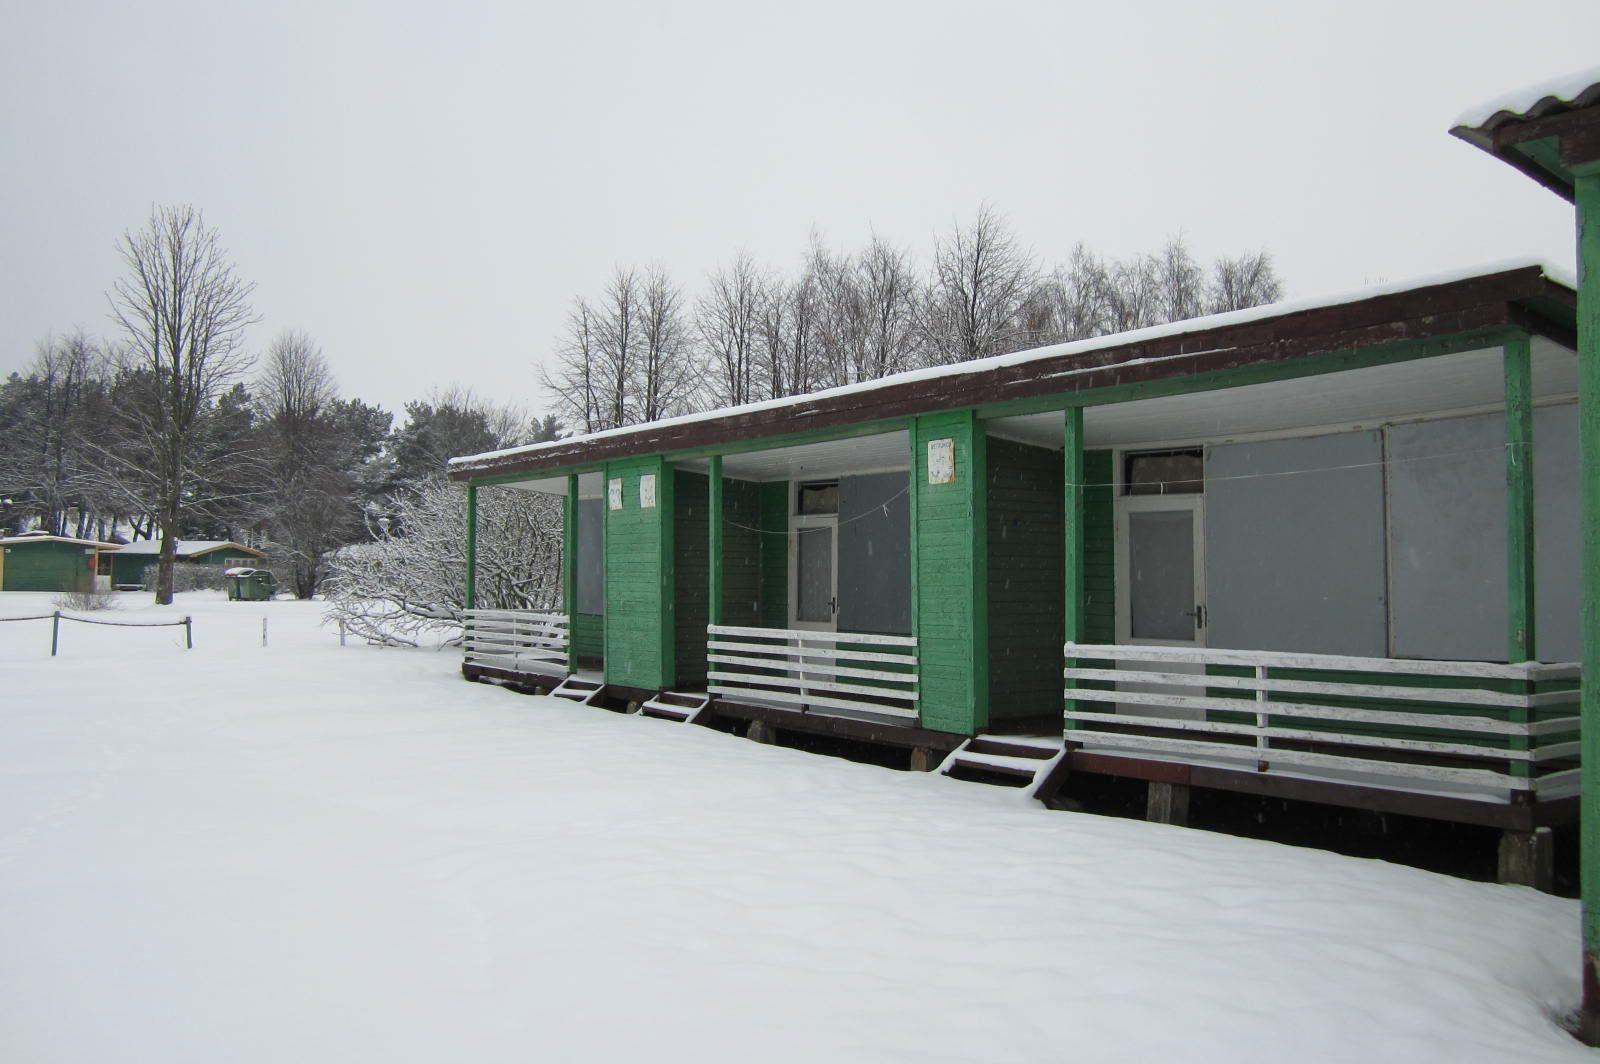 Brangiausiai aukcione parduotas objektas buvo medinių vasaros namelių kompleksas Šventojoje Bendrovės Nuotr.